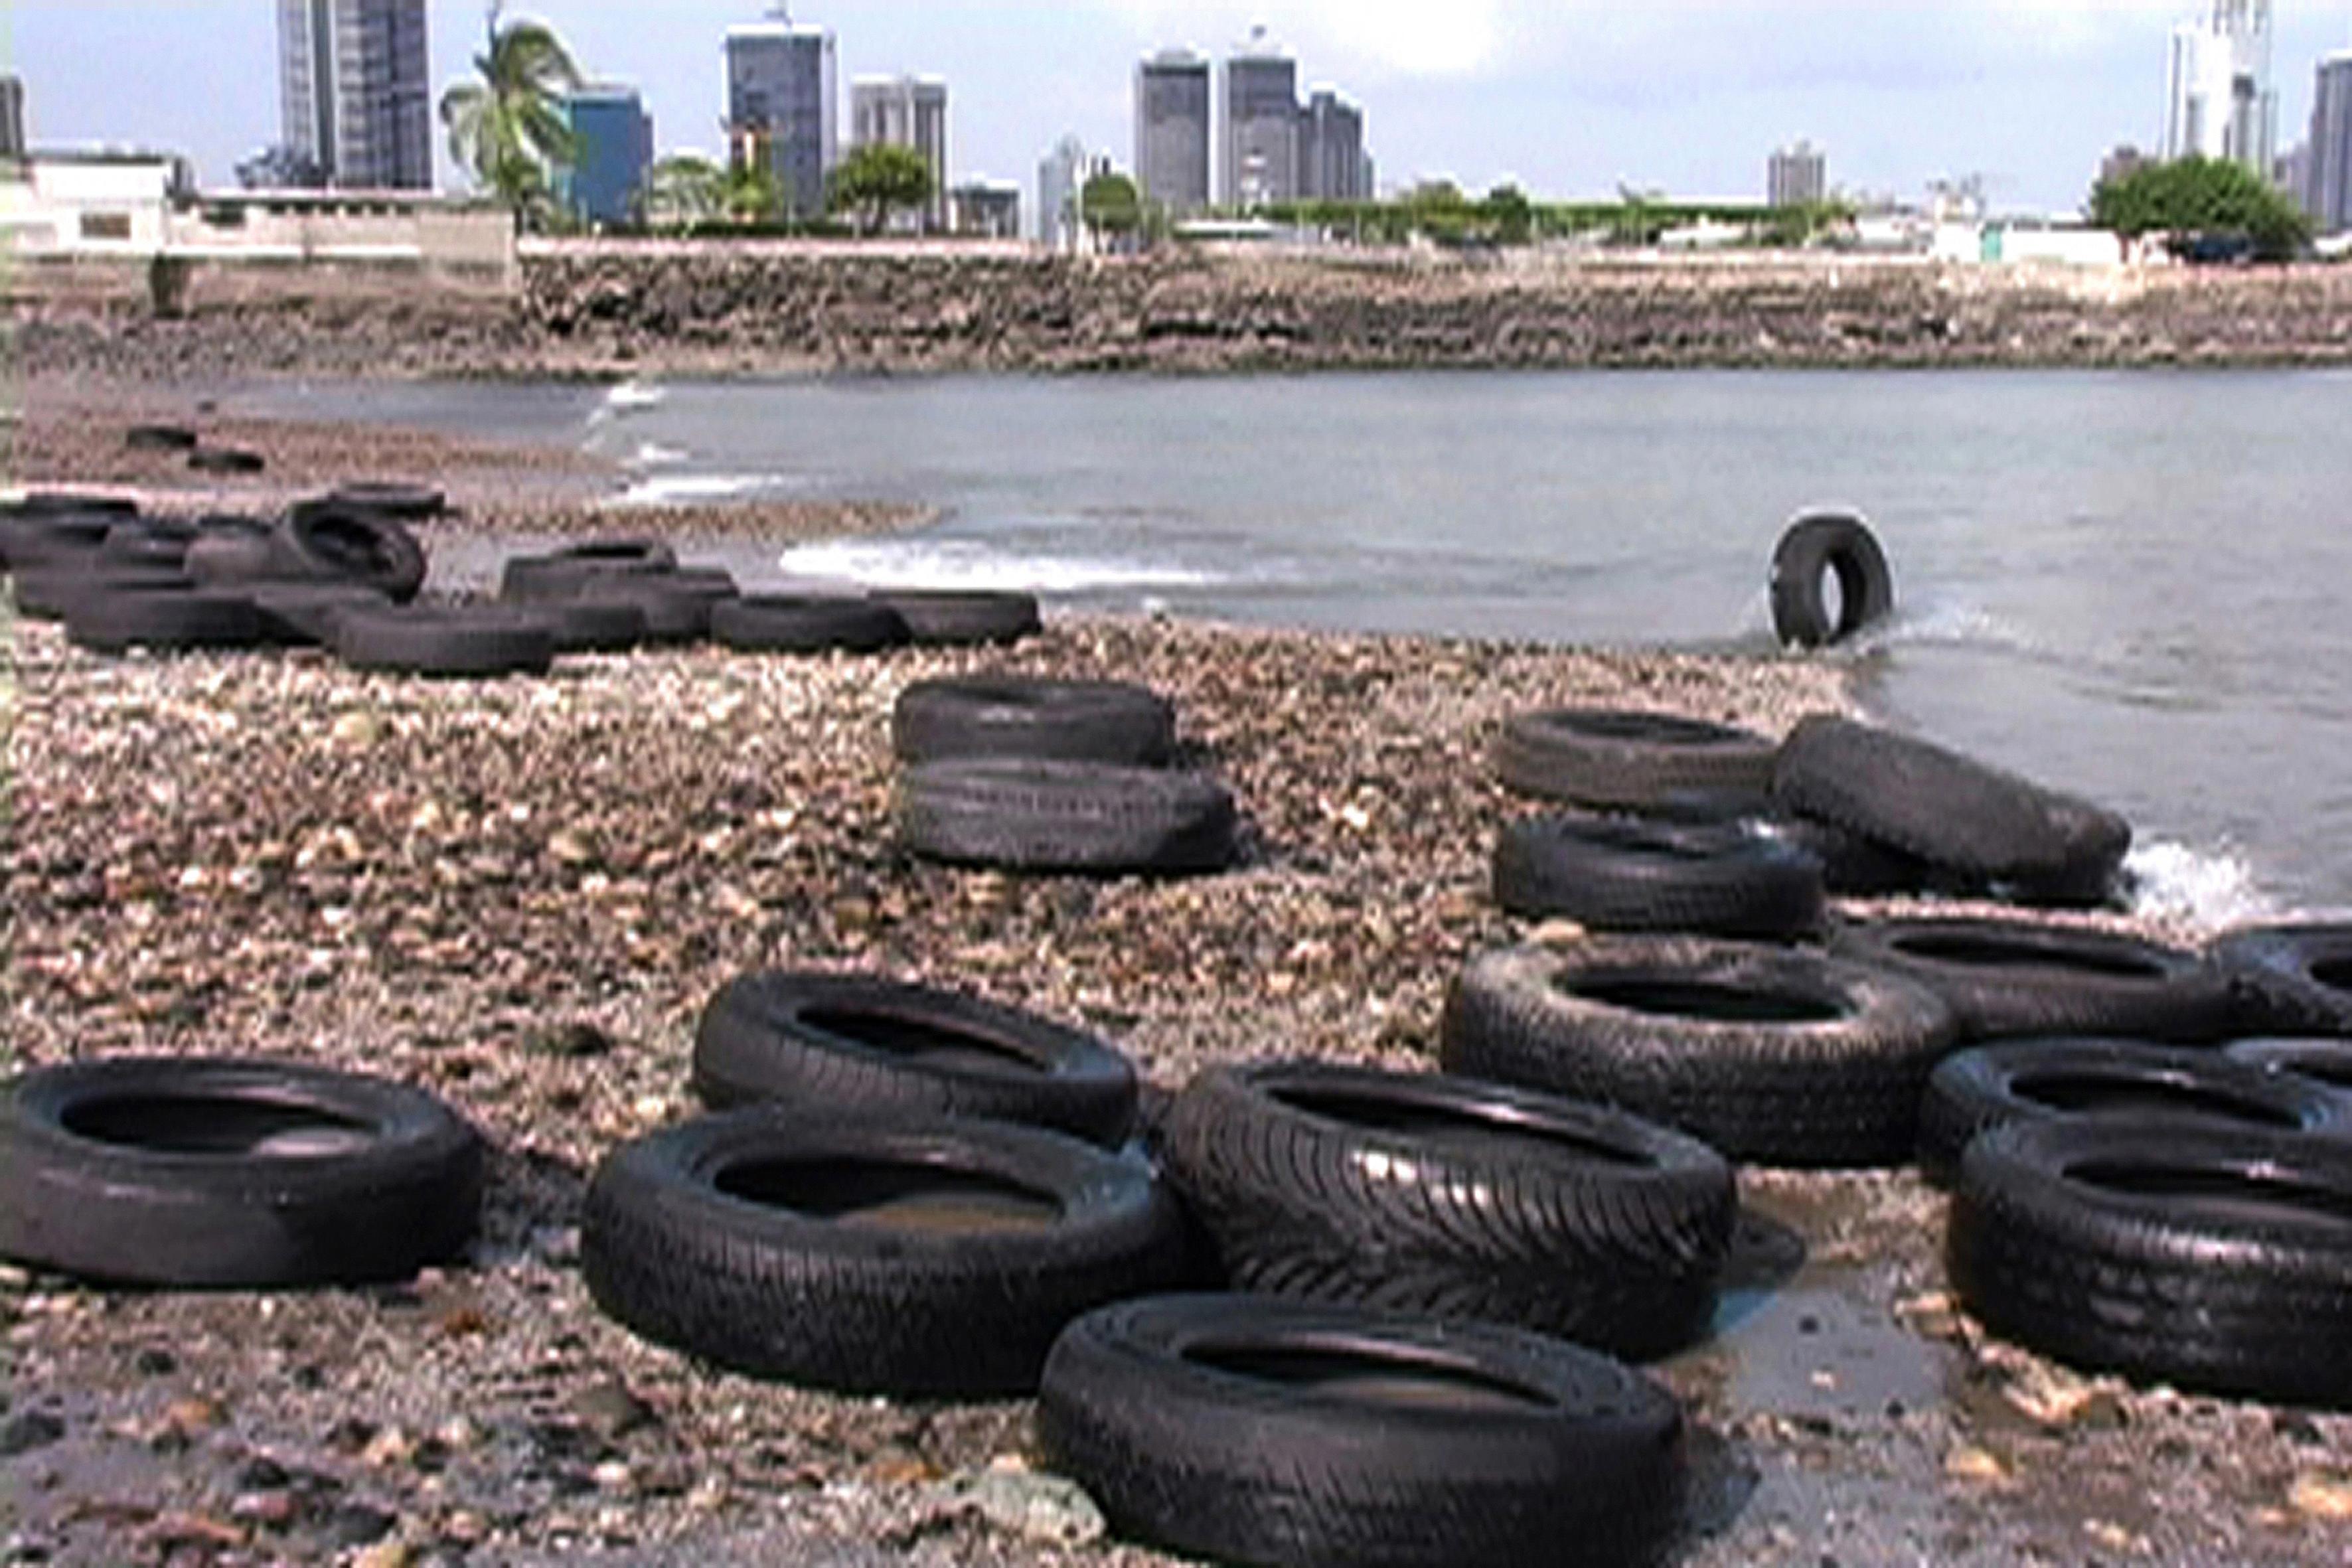 Donna Conlon. Marea baja (2004). Vídeo, 03'34'' en bucle. (Fotograma-vídeo con neumáticos en la orilla de la playa ante el skyline de Ciudad de Panamá).